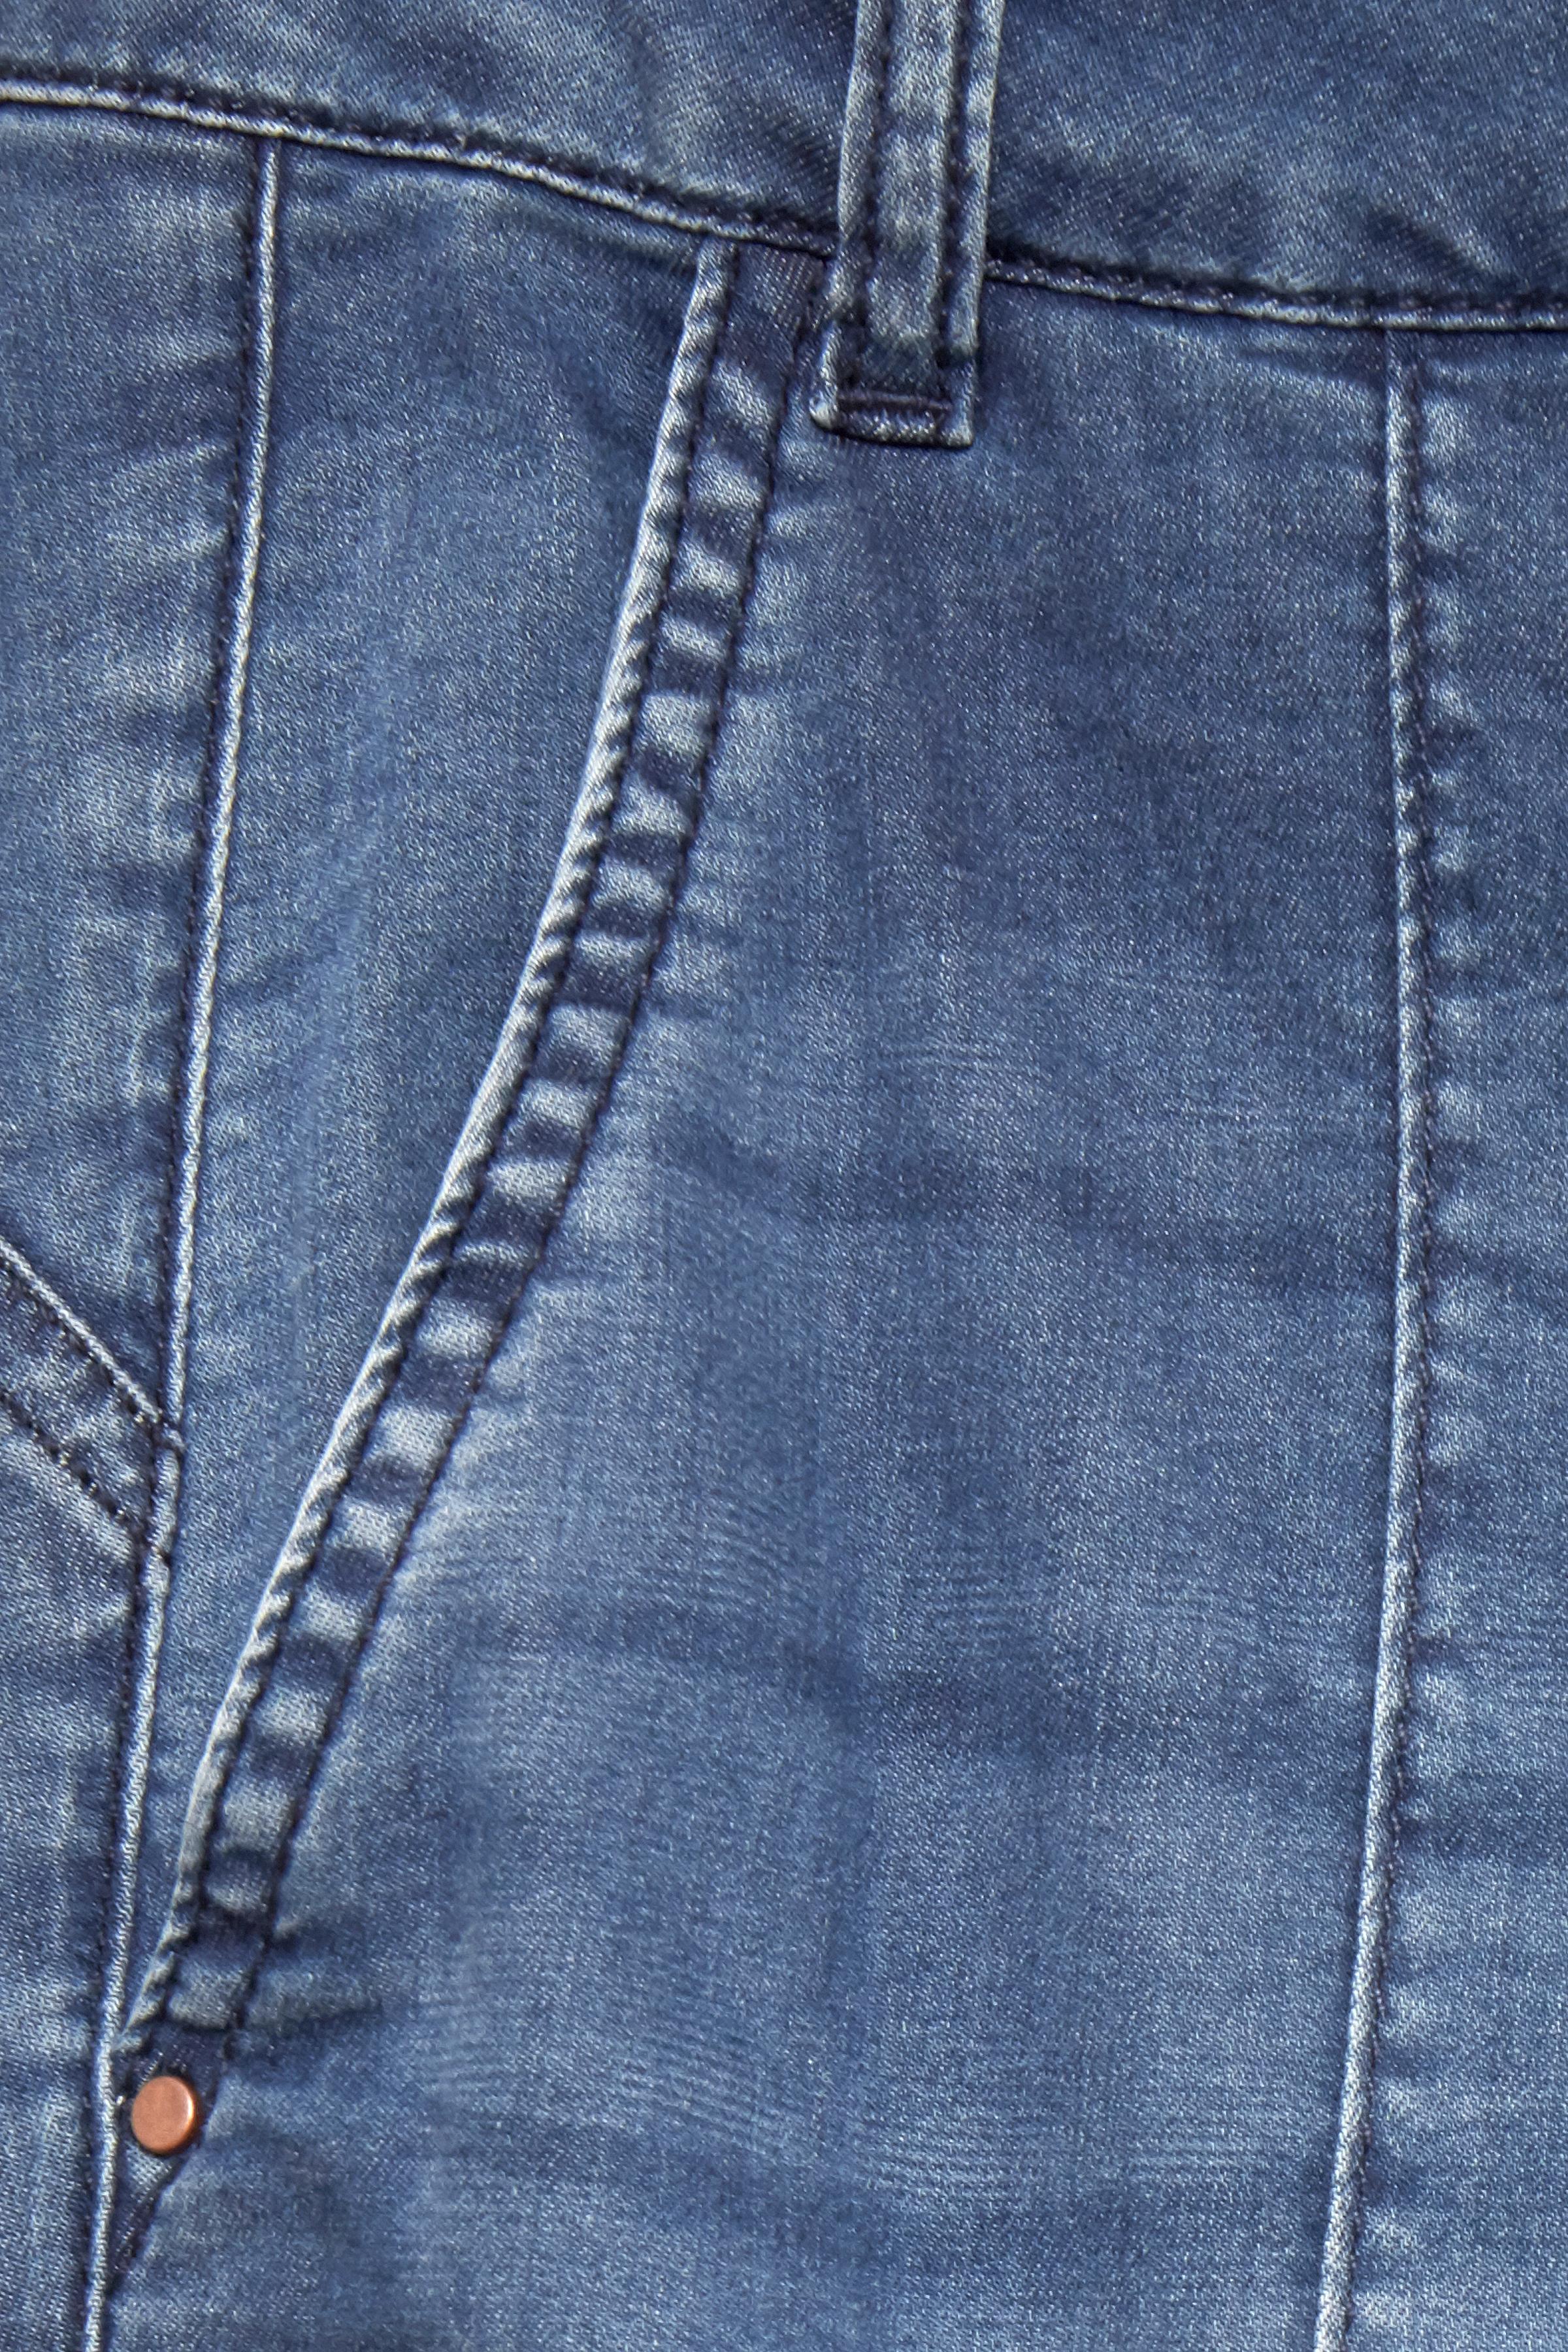 Denimblå Denimbyxa från Dranella – Köp Denimblå Denimbyxa från stl. 32-46 här